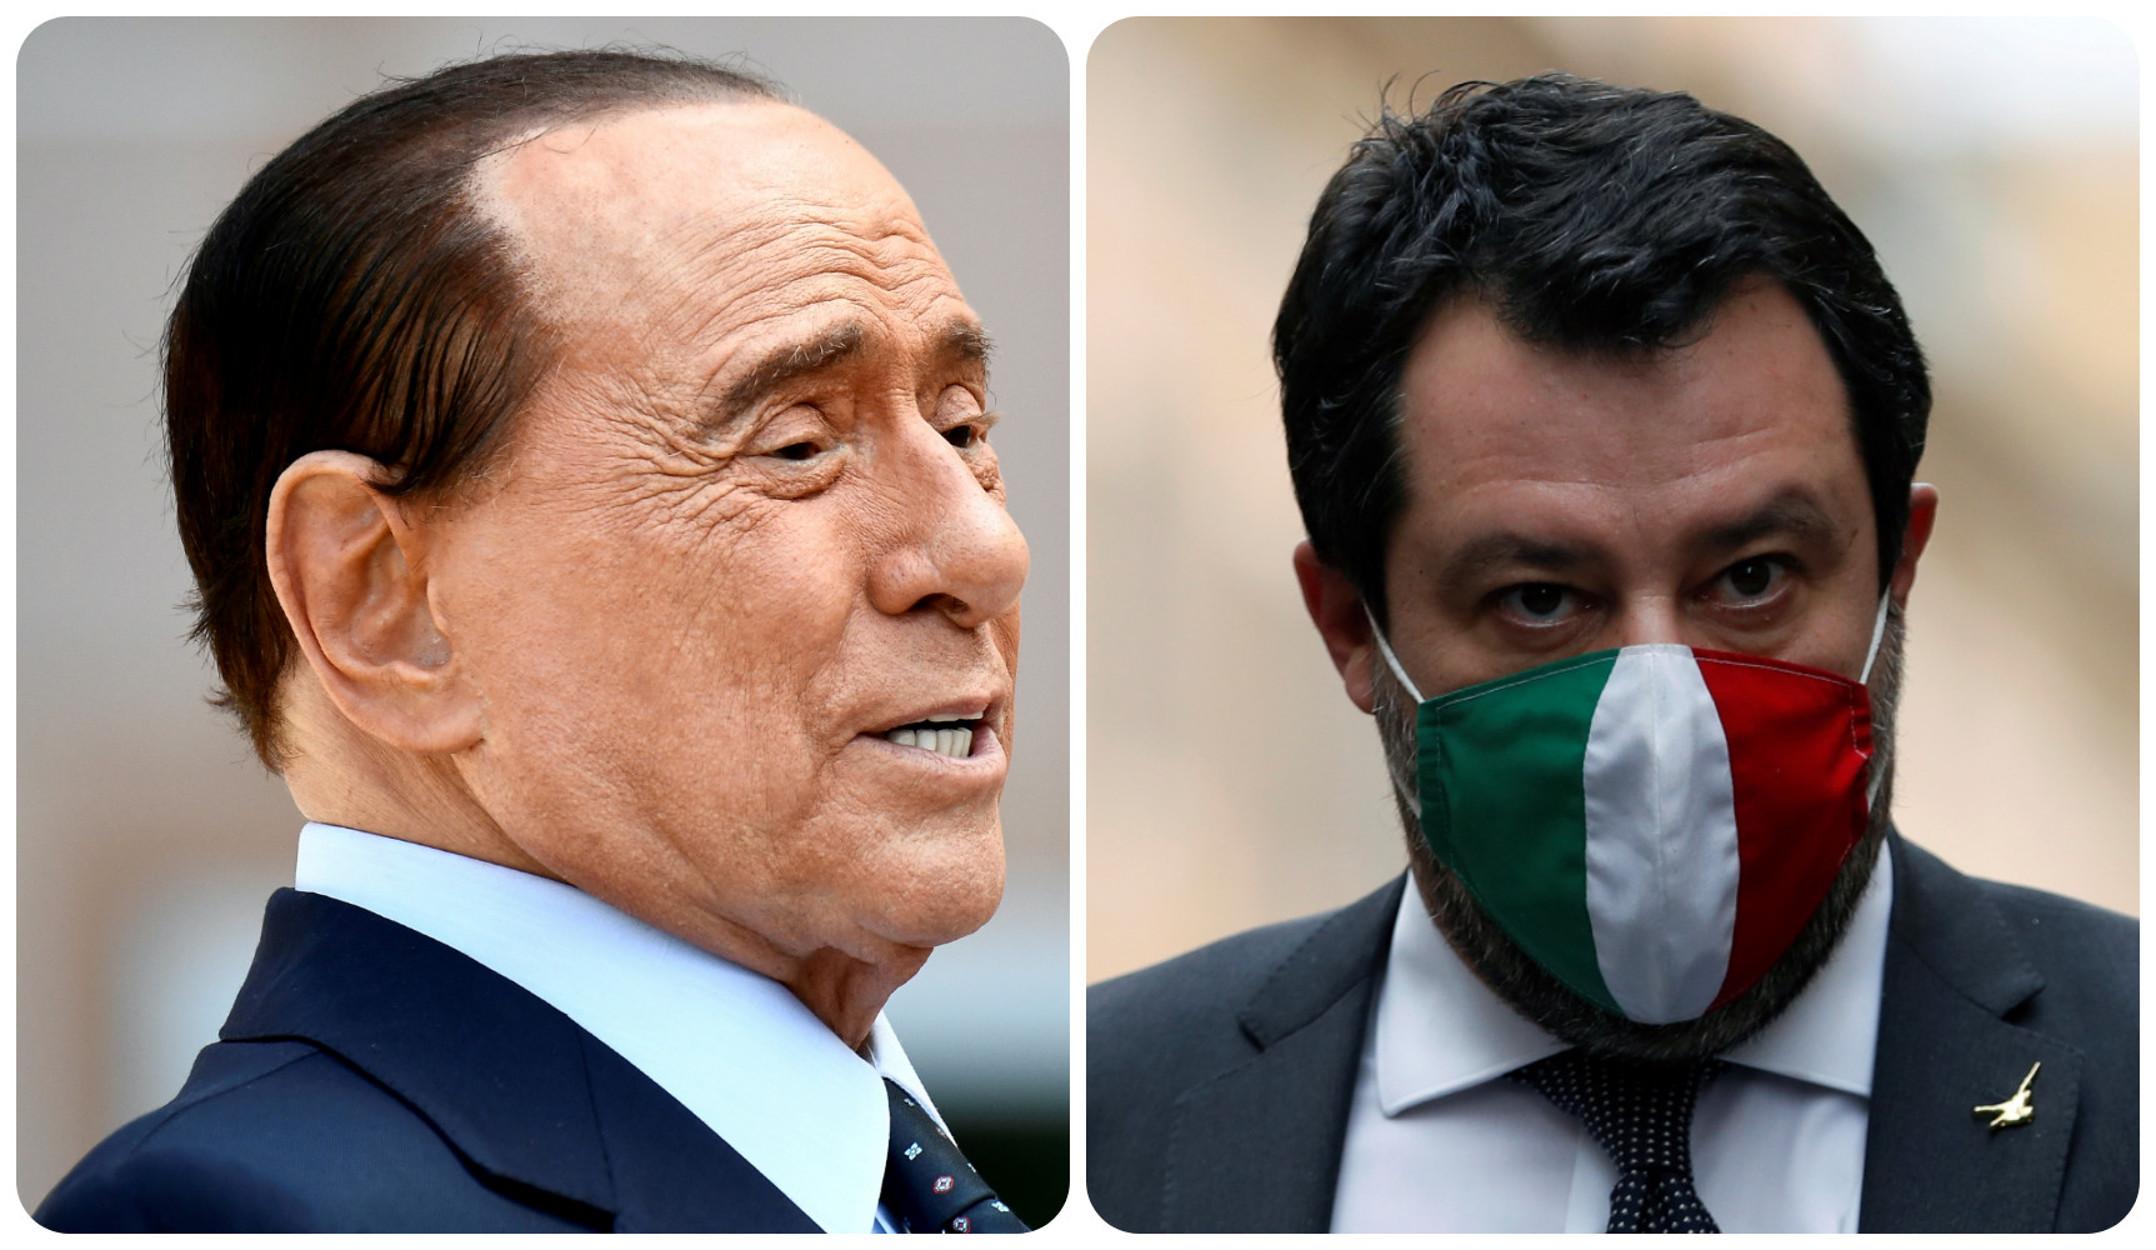 Σίλβιο Μπερλουσκόνι και Ματέο Σαλβίνι ενώνουν τα κόμματά τους